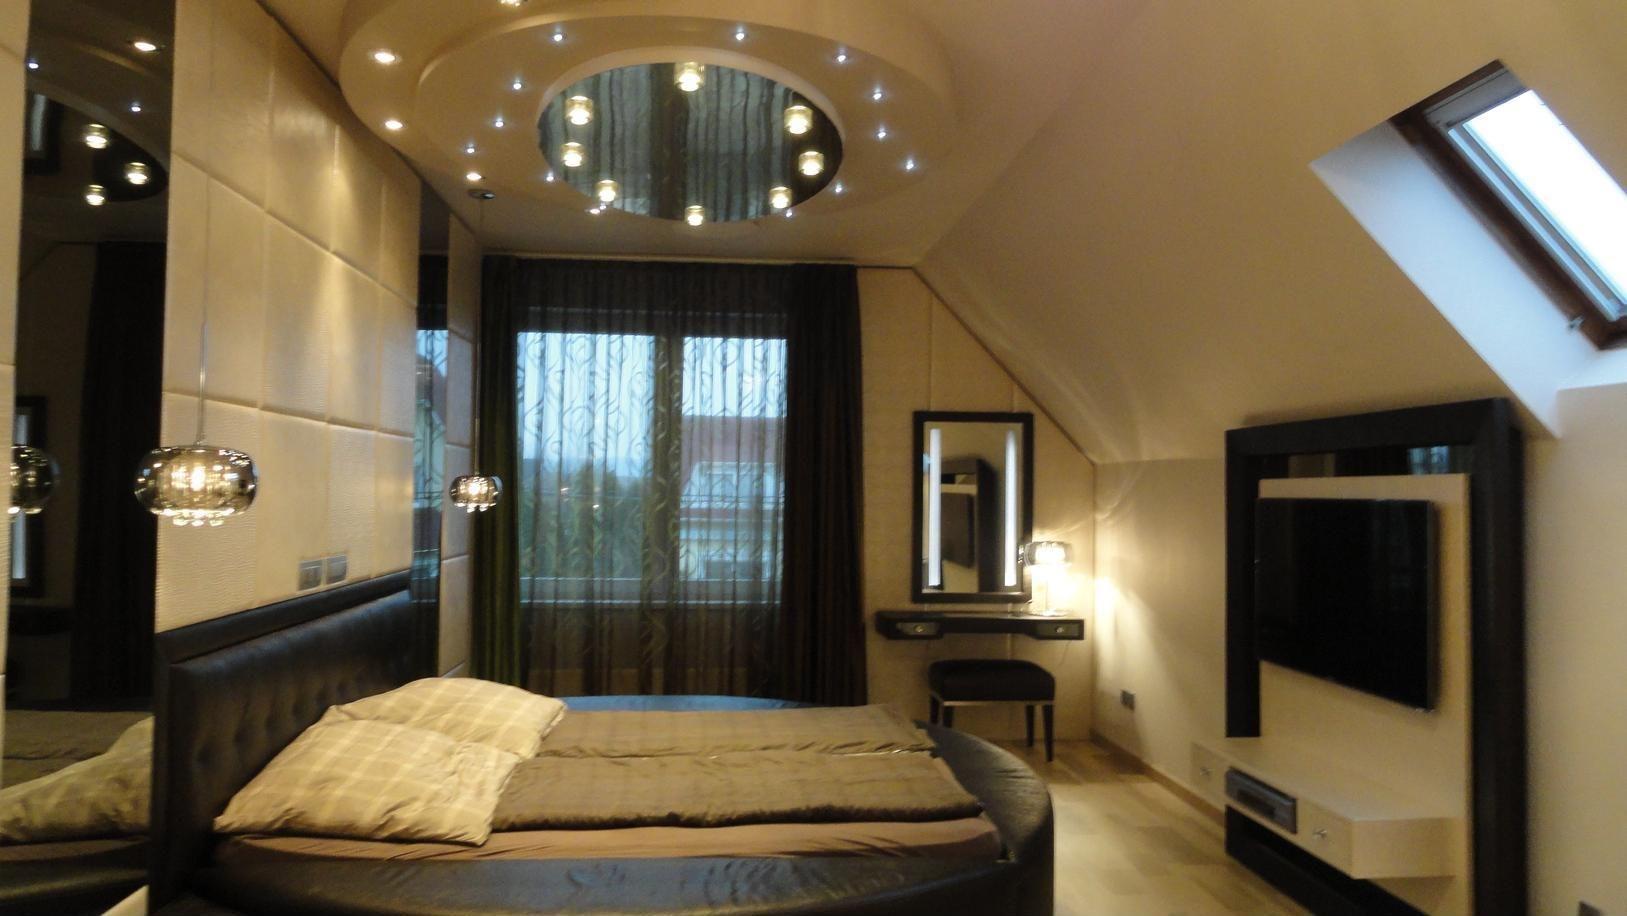 Tetőtéri hálószoba - Modern hálószoba kerek álmennyezettel, luxus ...